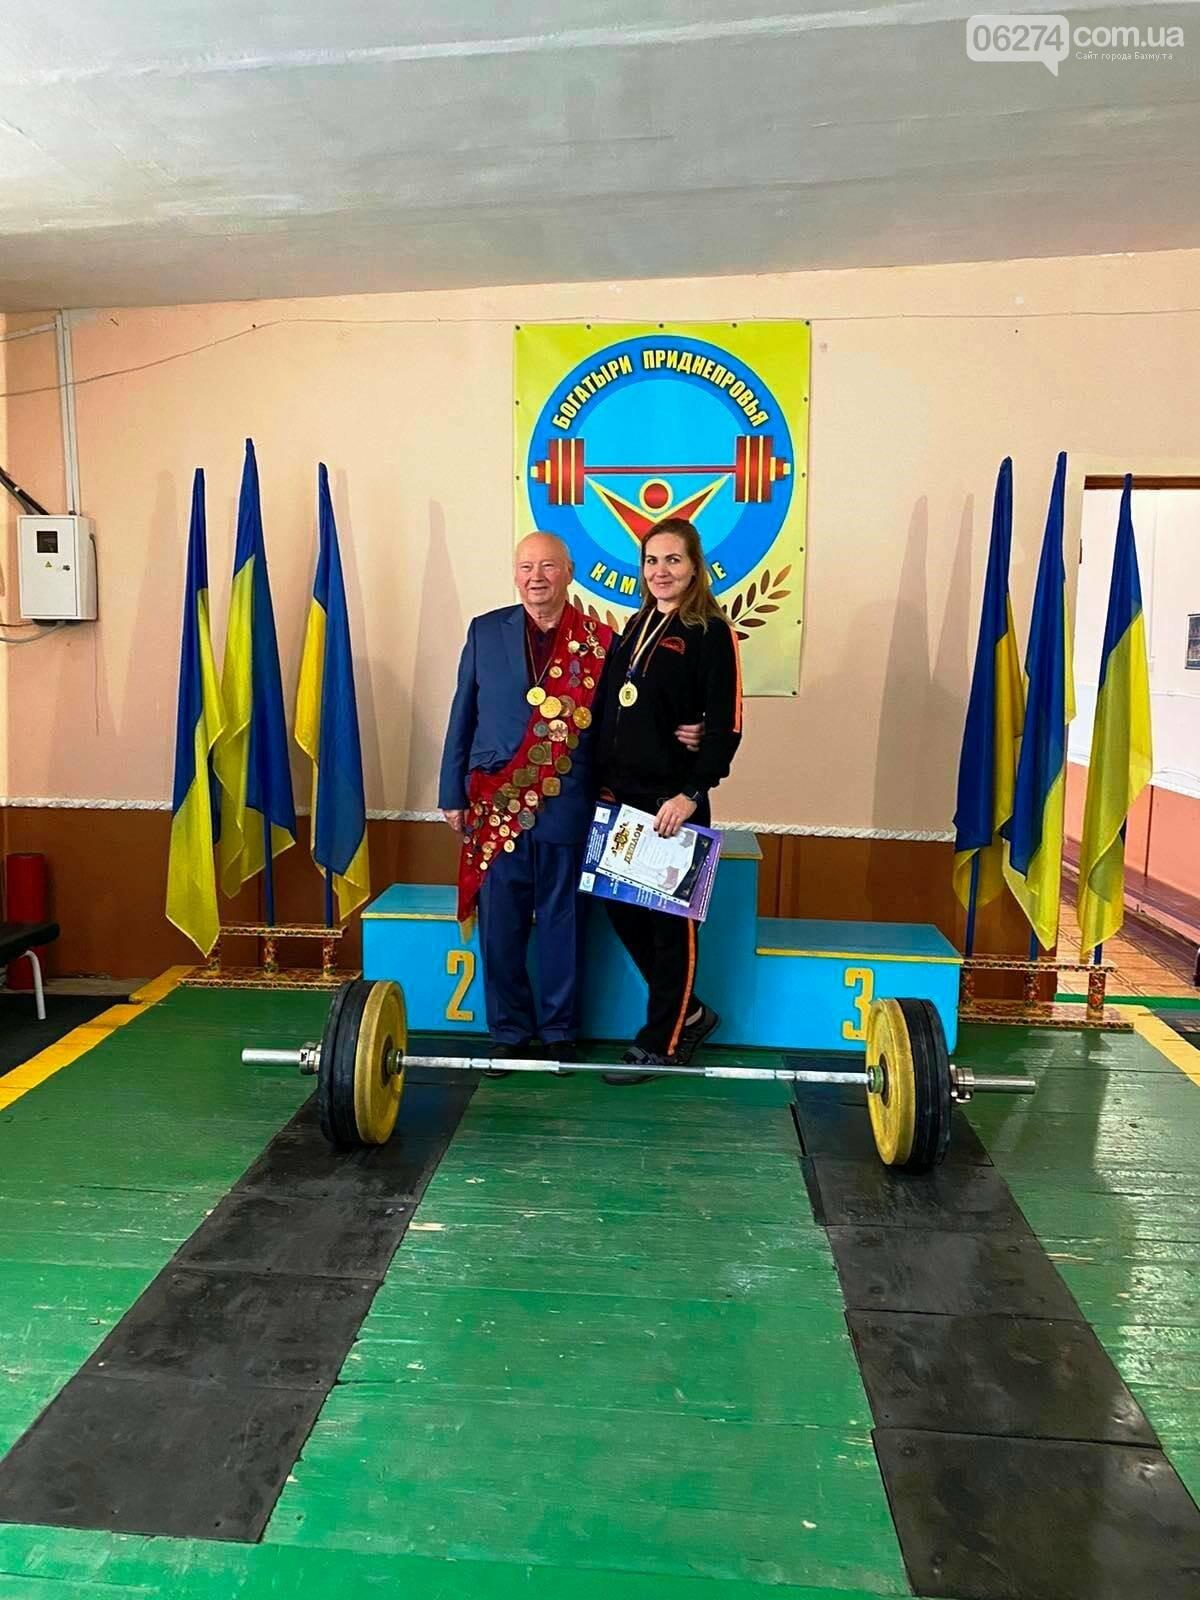 Тяжелоатлеты Бахмута стали призерами чемпионата Украины среди ветеранов, фото-4